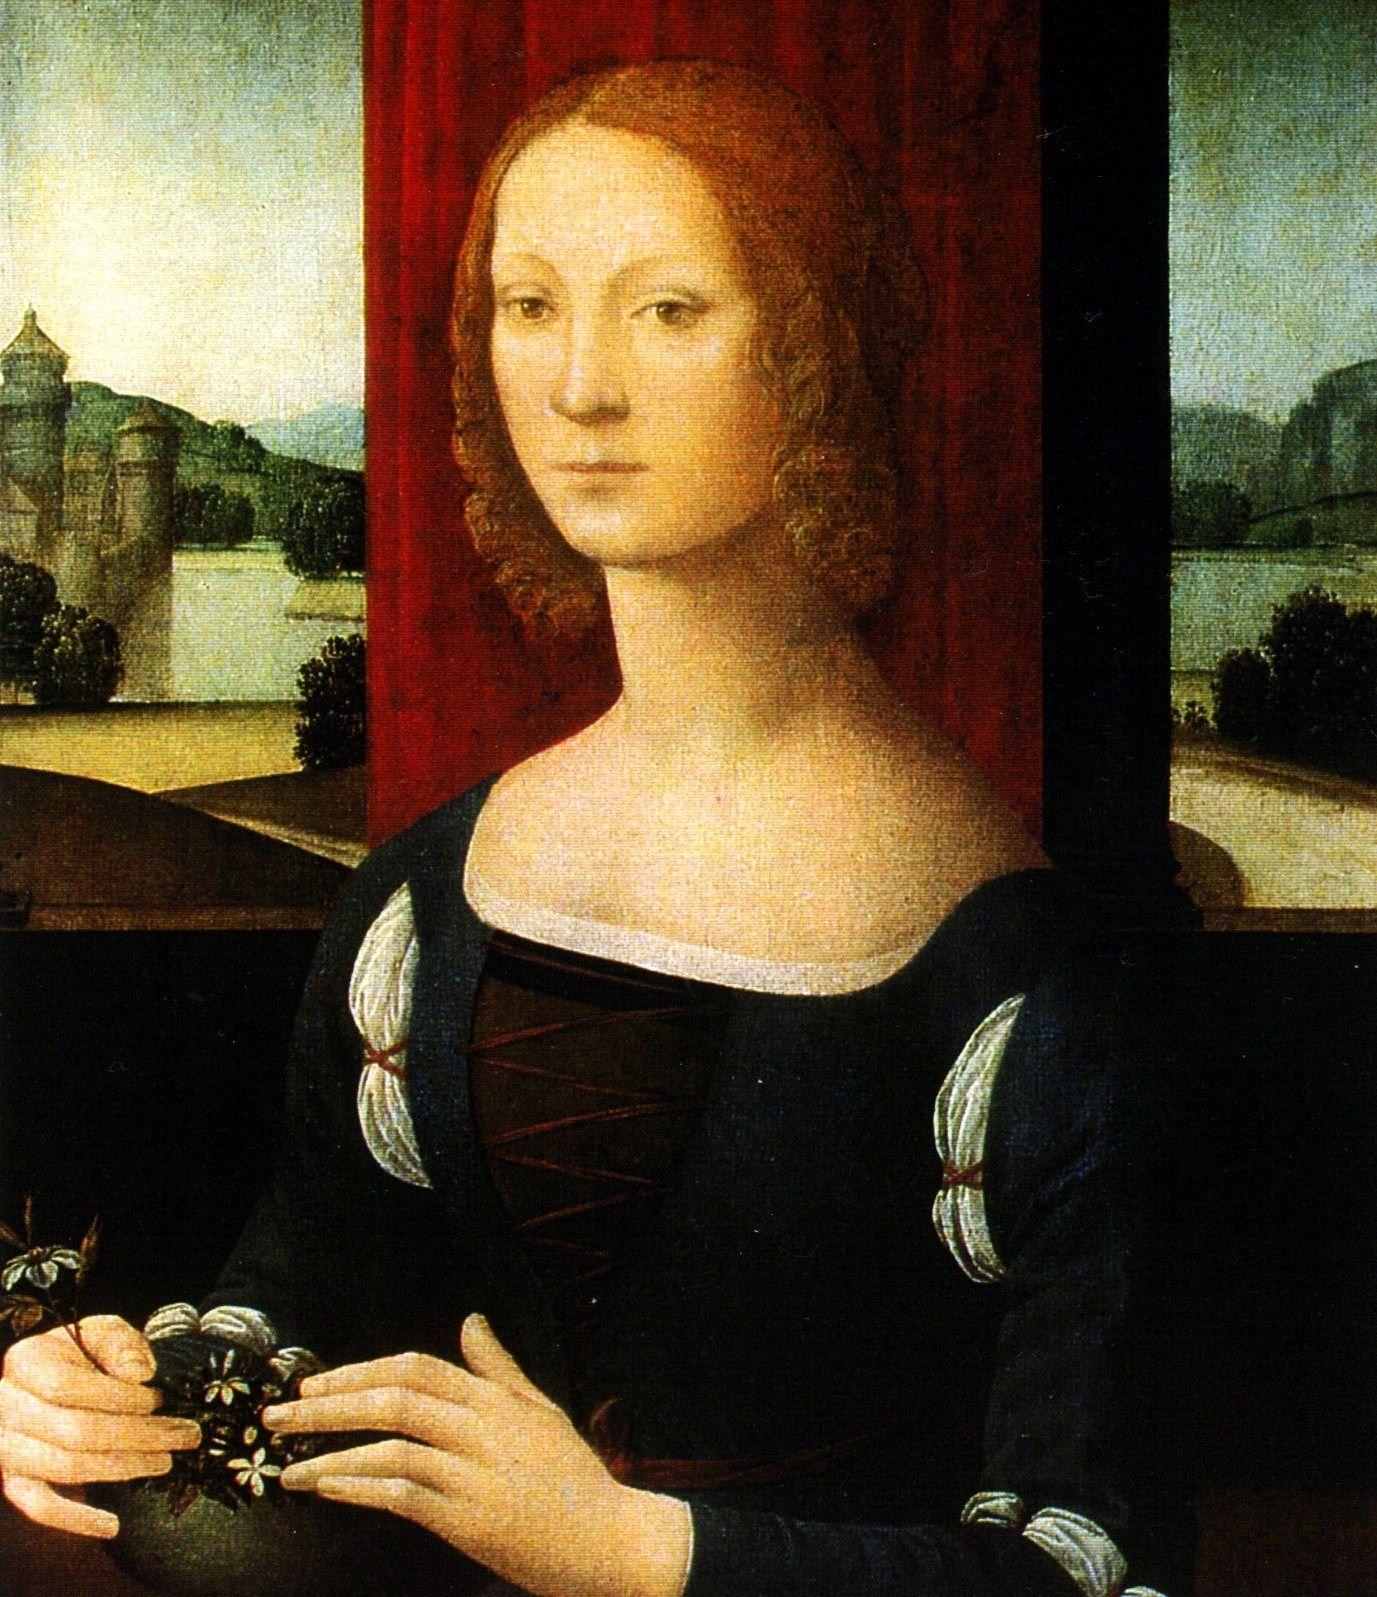 Lorenzo di Credi (Italian artist, 1456-1536) Caterina Esforza 1480-83  